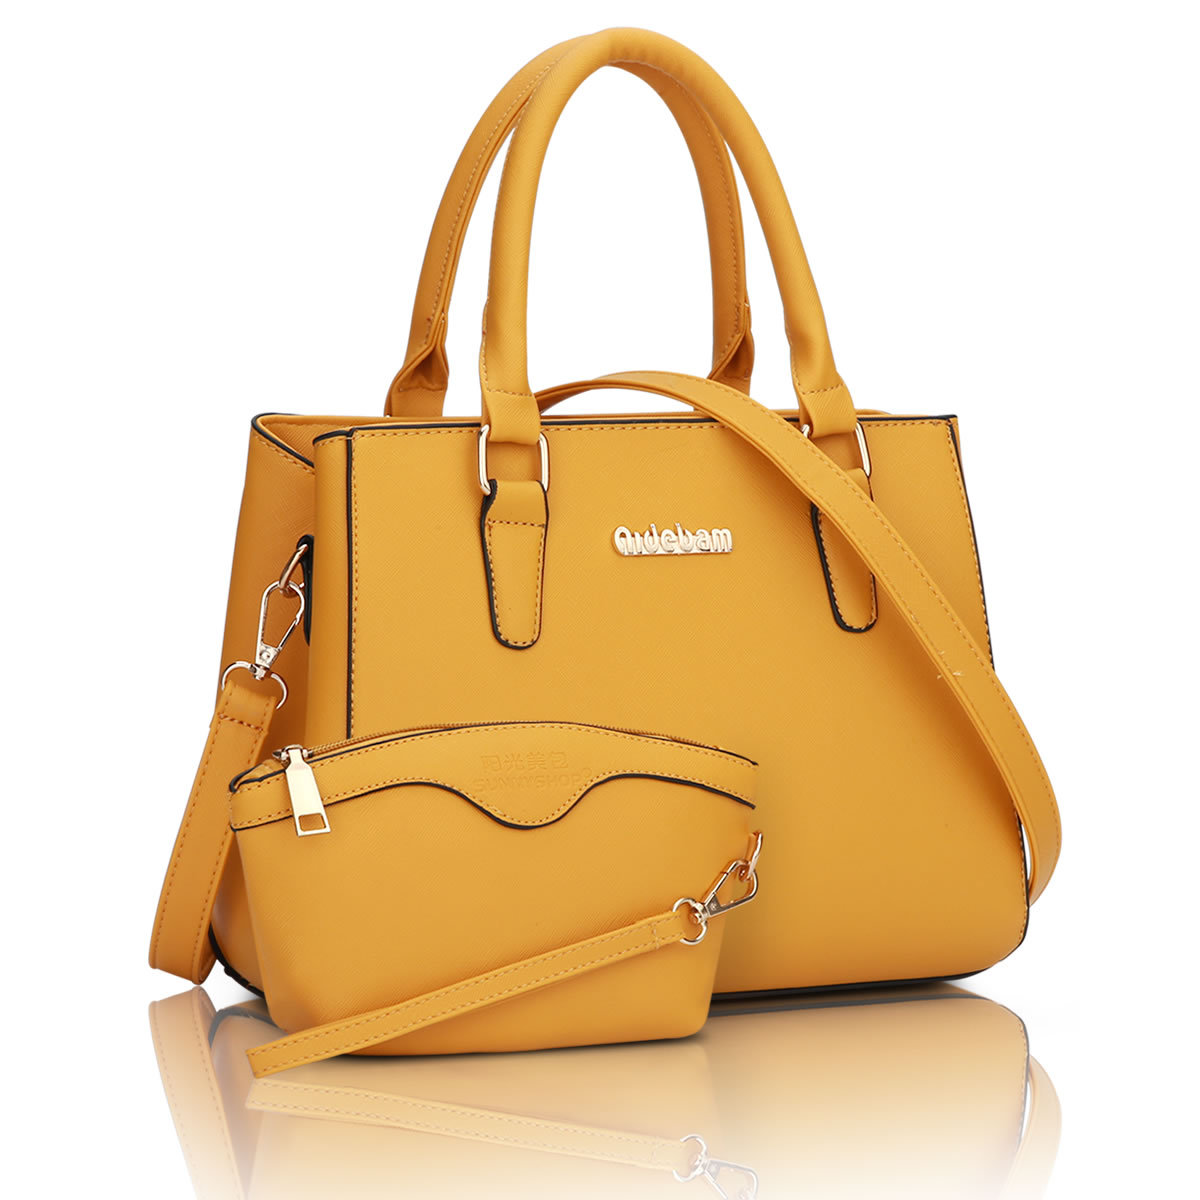 ขายส่งกระเป๋าผู้หญิงถือและสะพายข้าง เซ็ต 2 ใบ ทำงานผู้หญิง เรียบหรู แฟชั่นเกาหลี Sunny-724 สีเหลือง